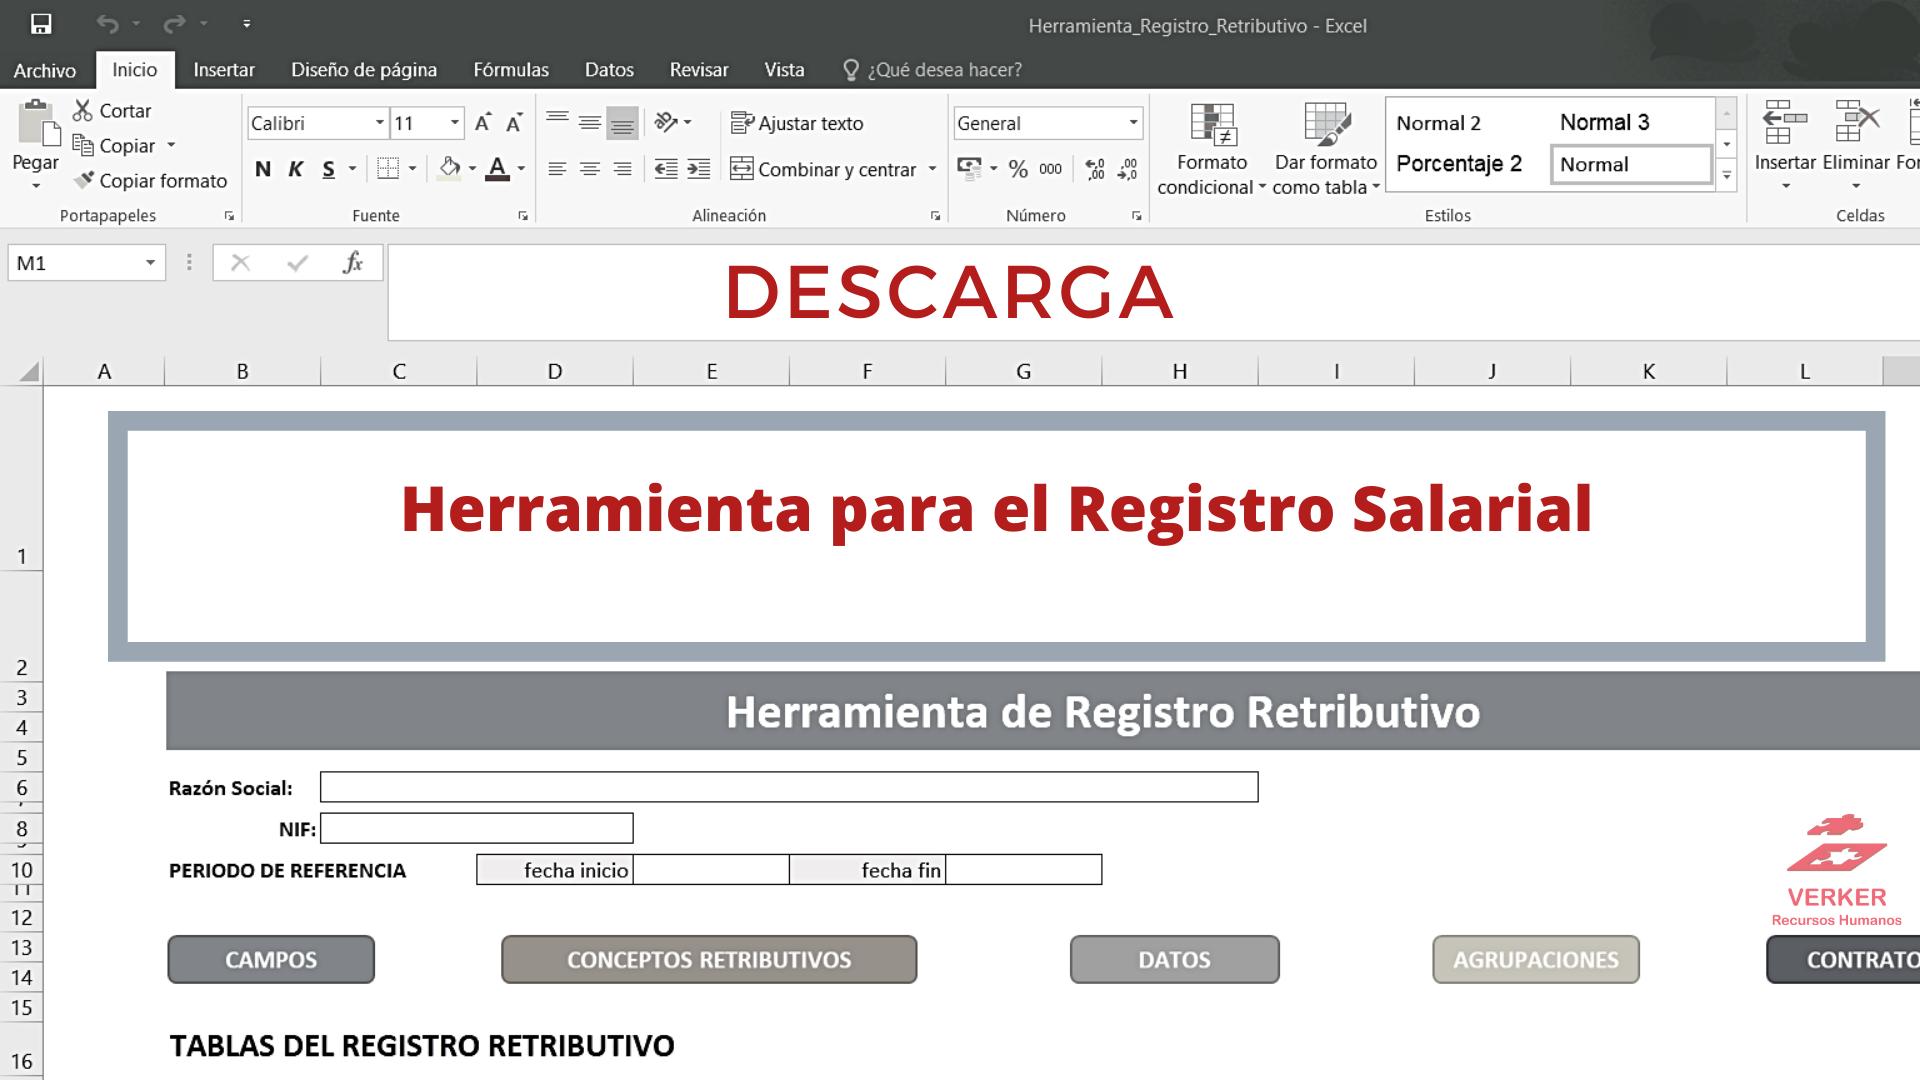 descargar herramienta registro salarial